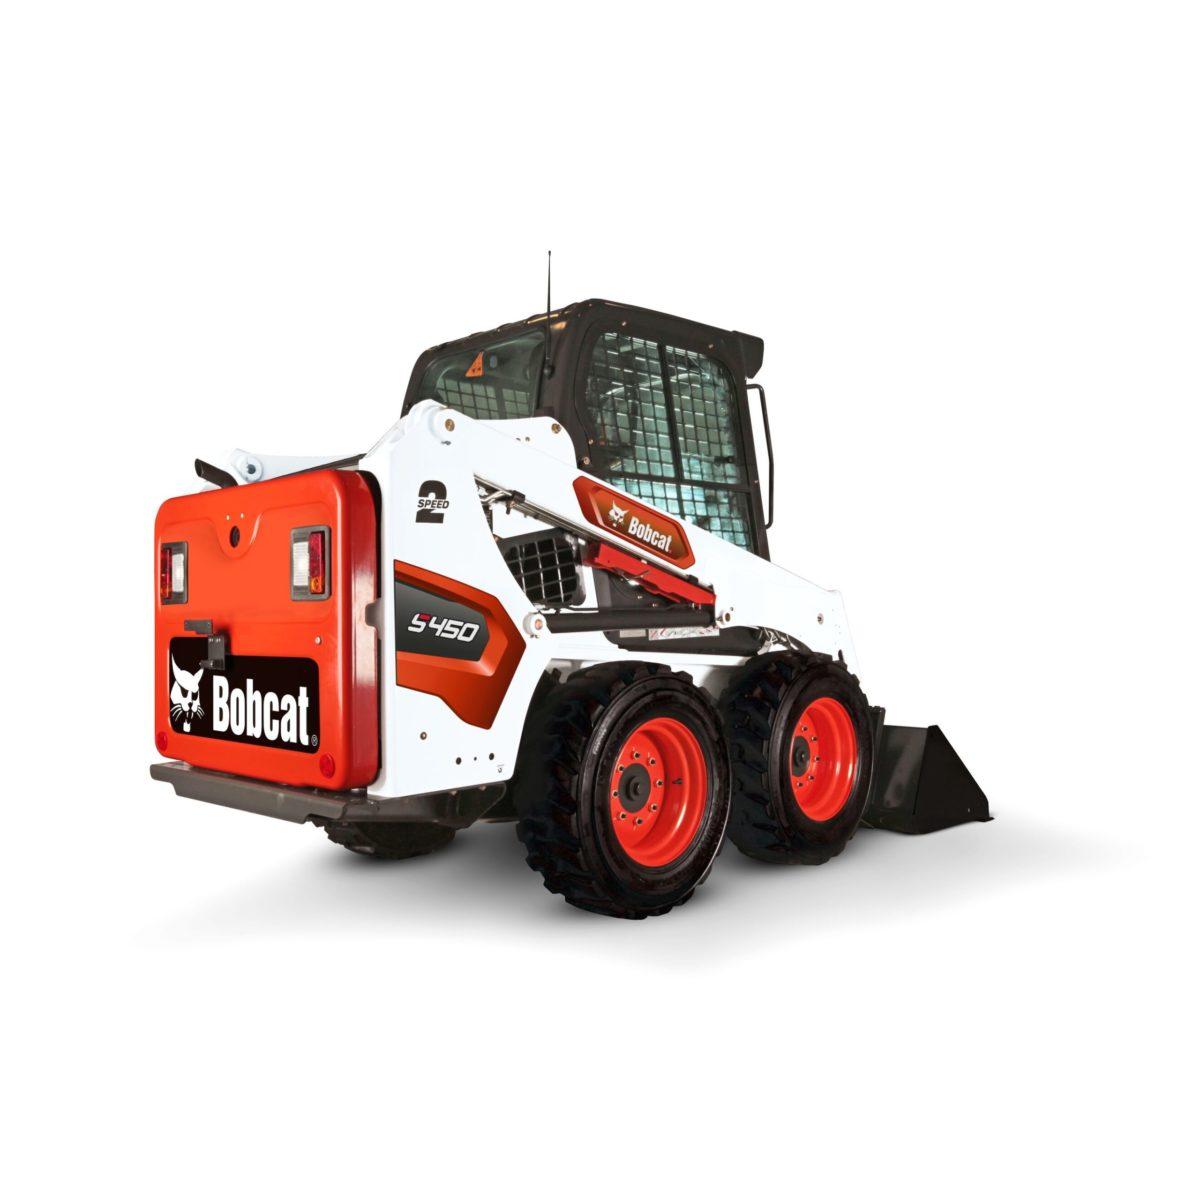 Large-Bobcat-Skid-steer-loader-S450_Studio